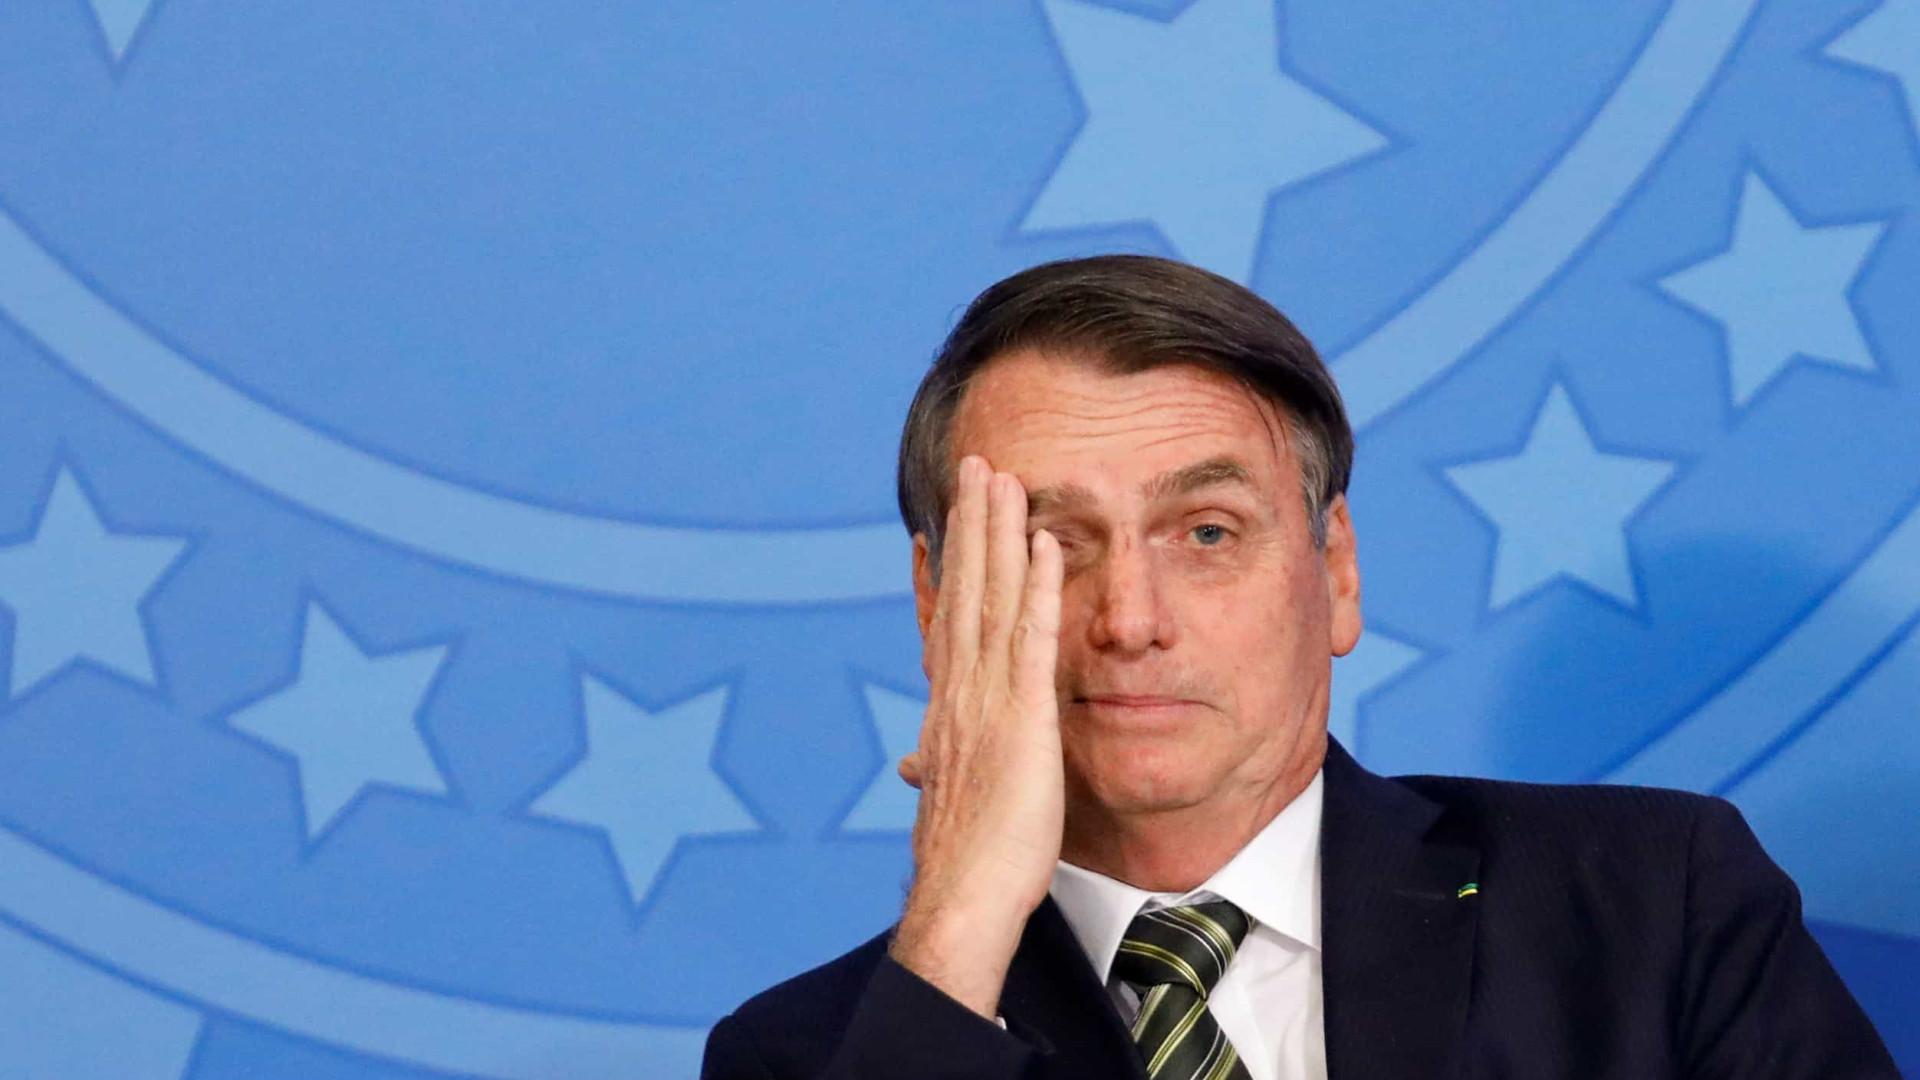 Veja quem Bolsonaro já nomeou em troca de apoio para evitar impeachment